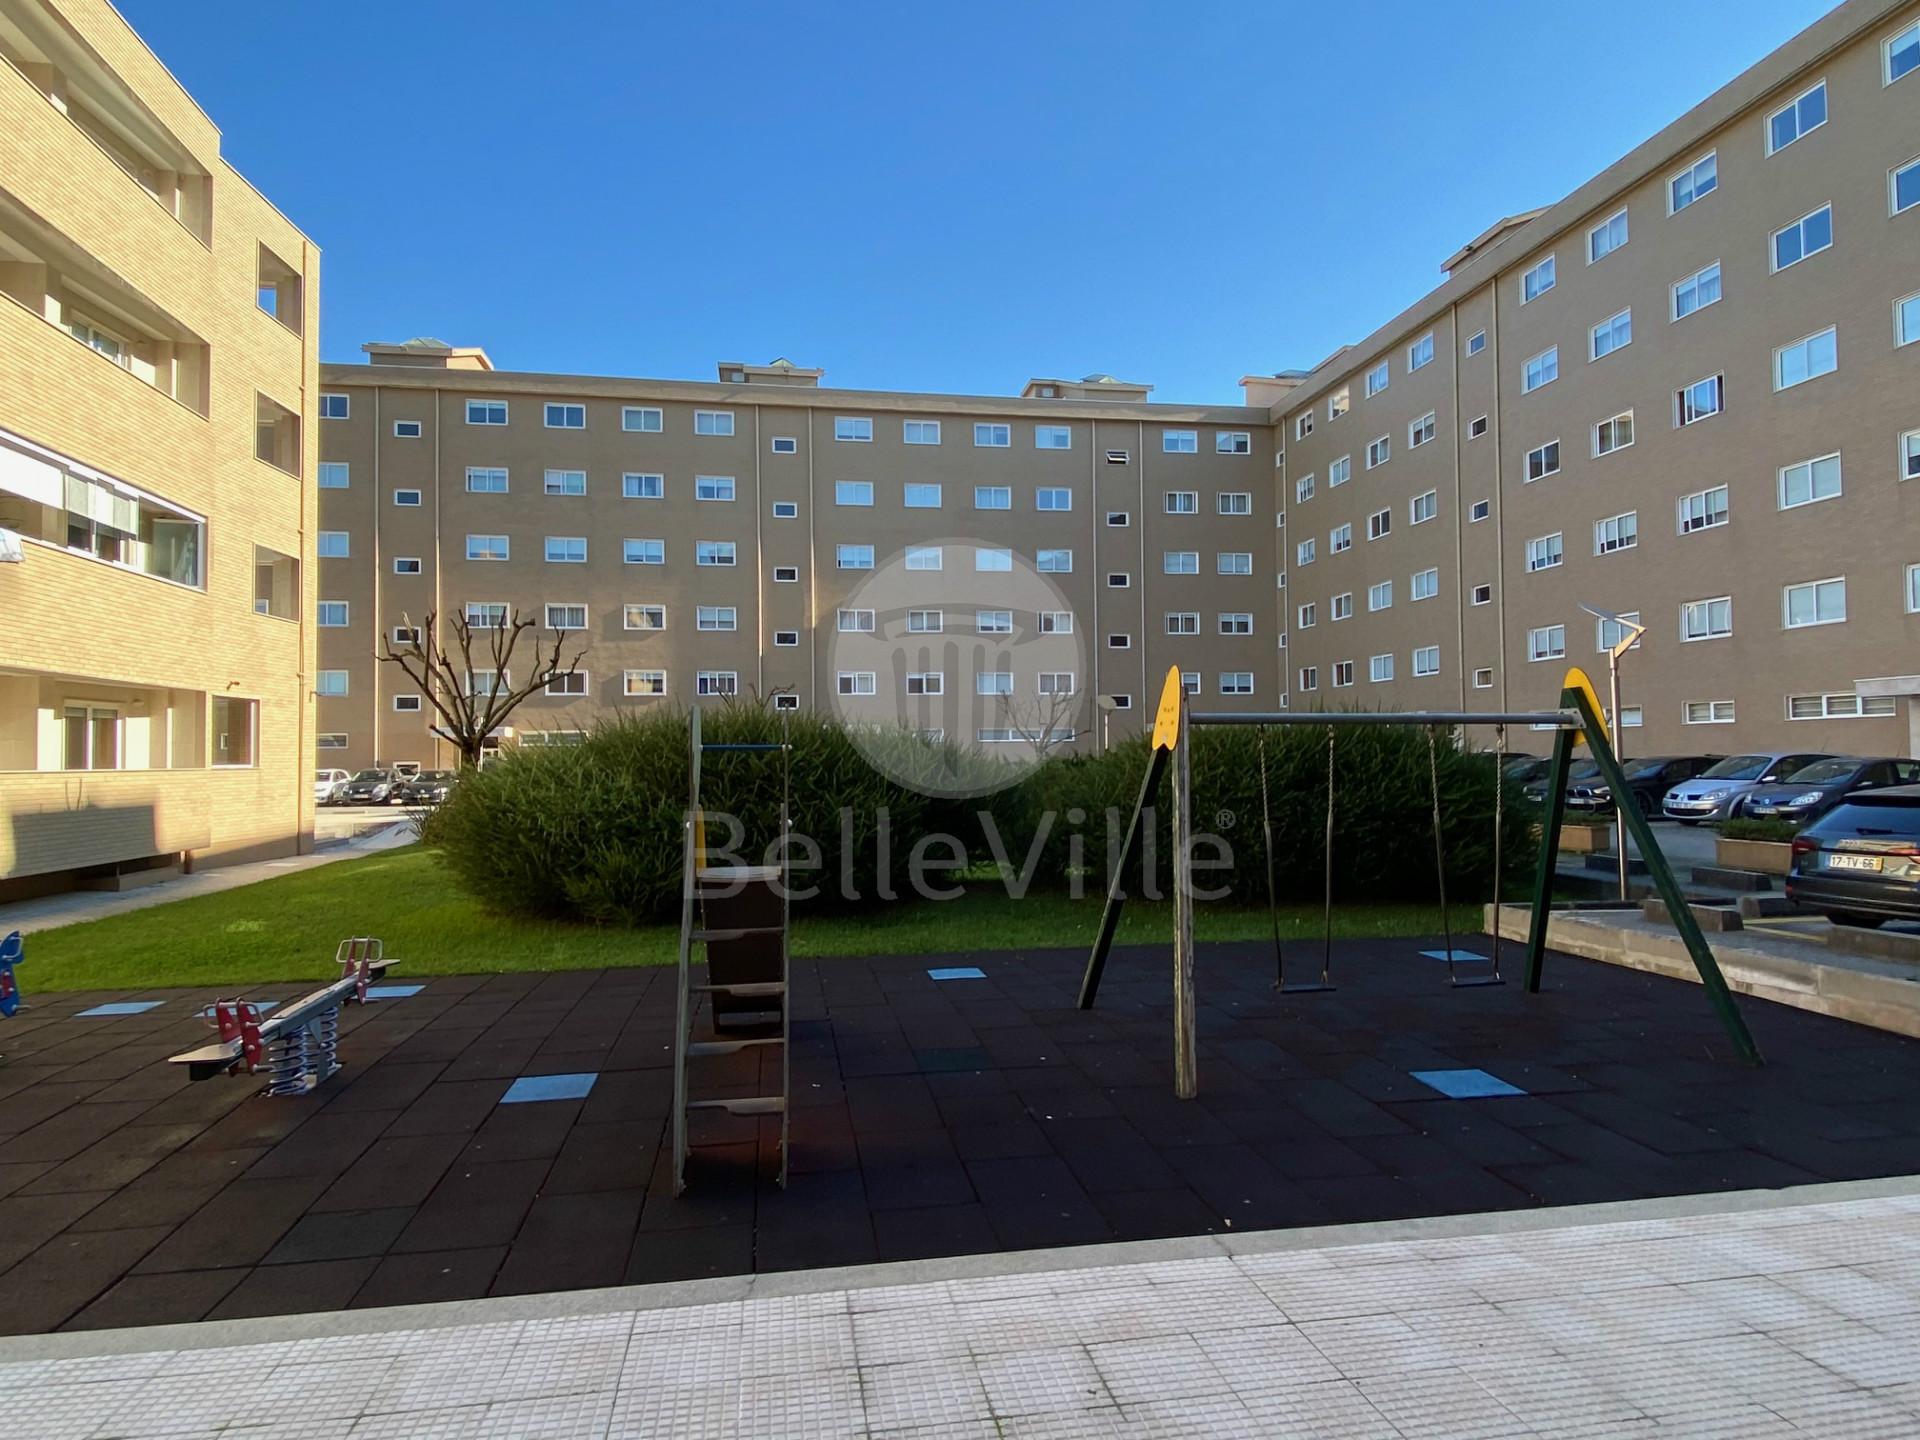 Apartamento T3, Mobilado, em Condomínio Fechado